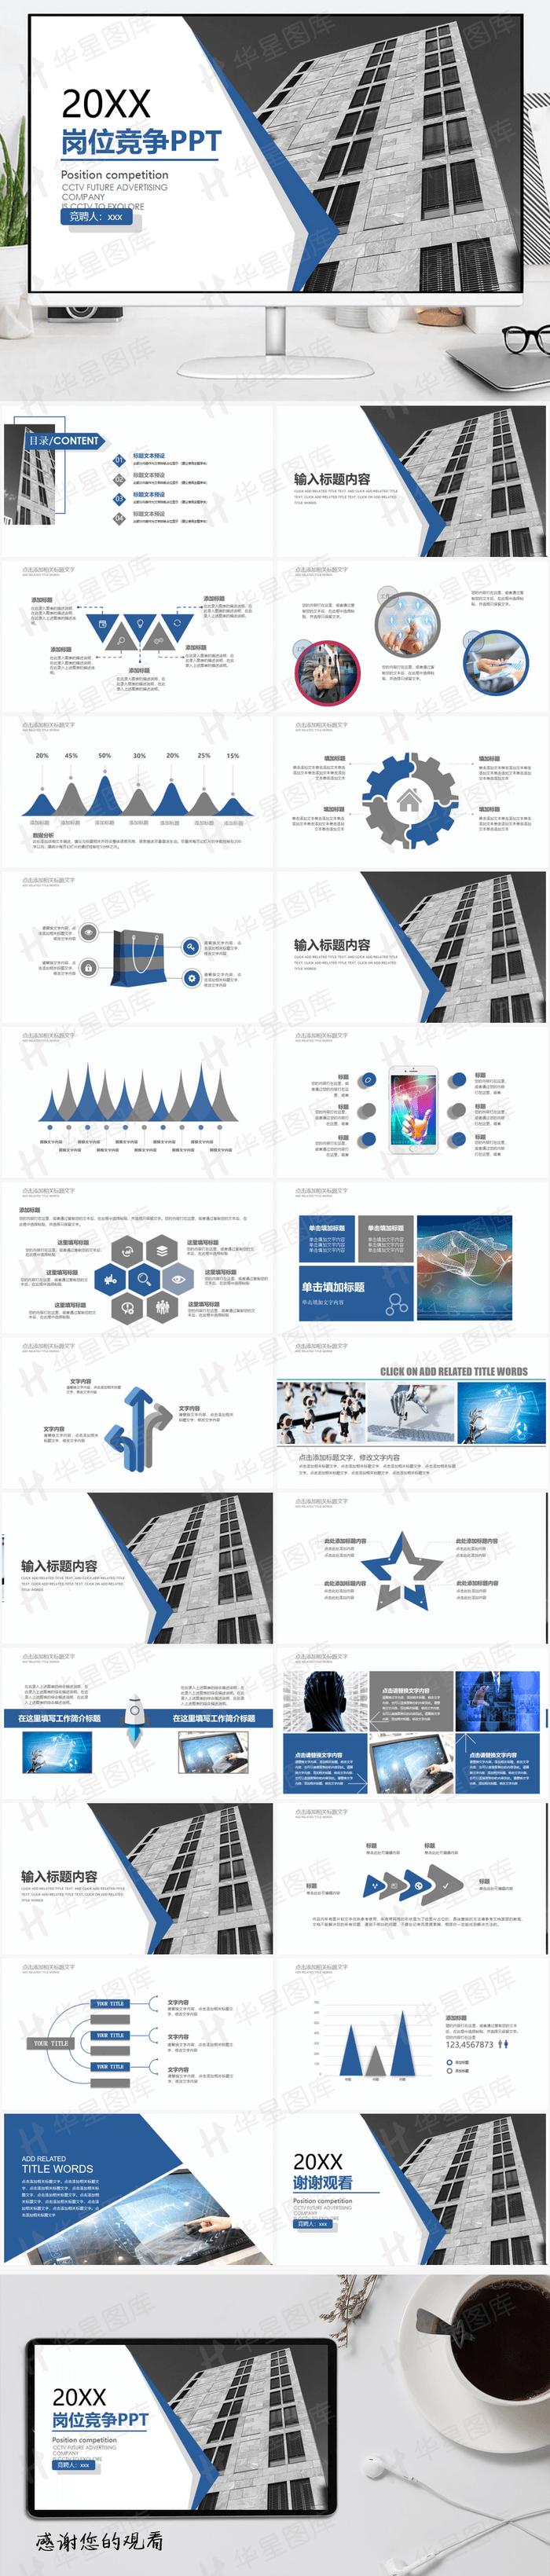 2019蓝色欧美商务岗位竞争PPT模板